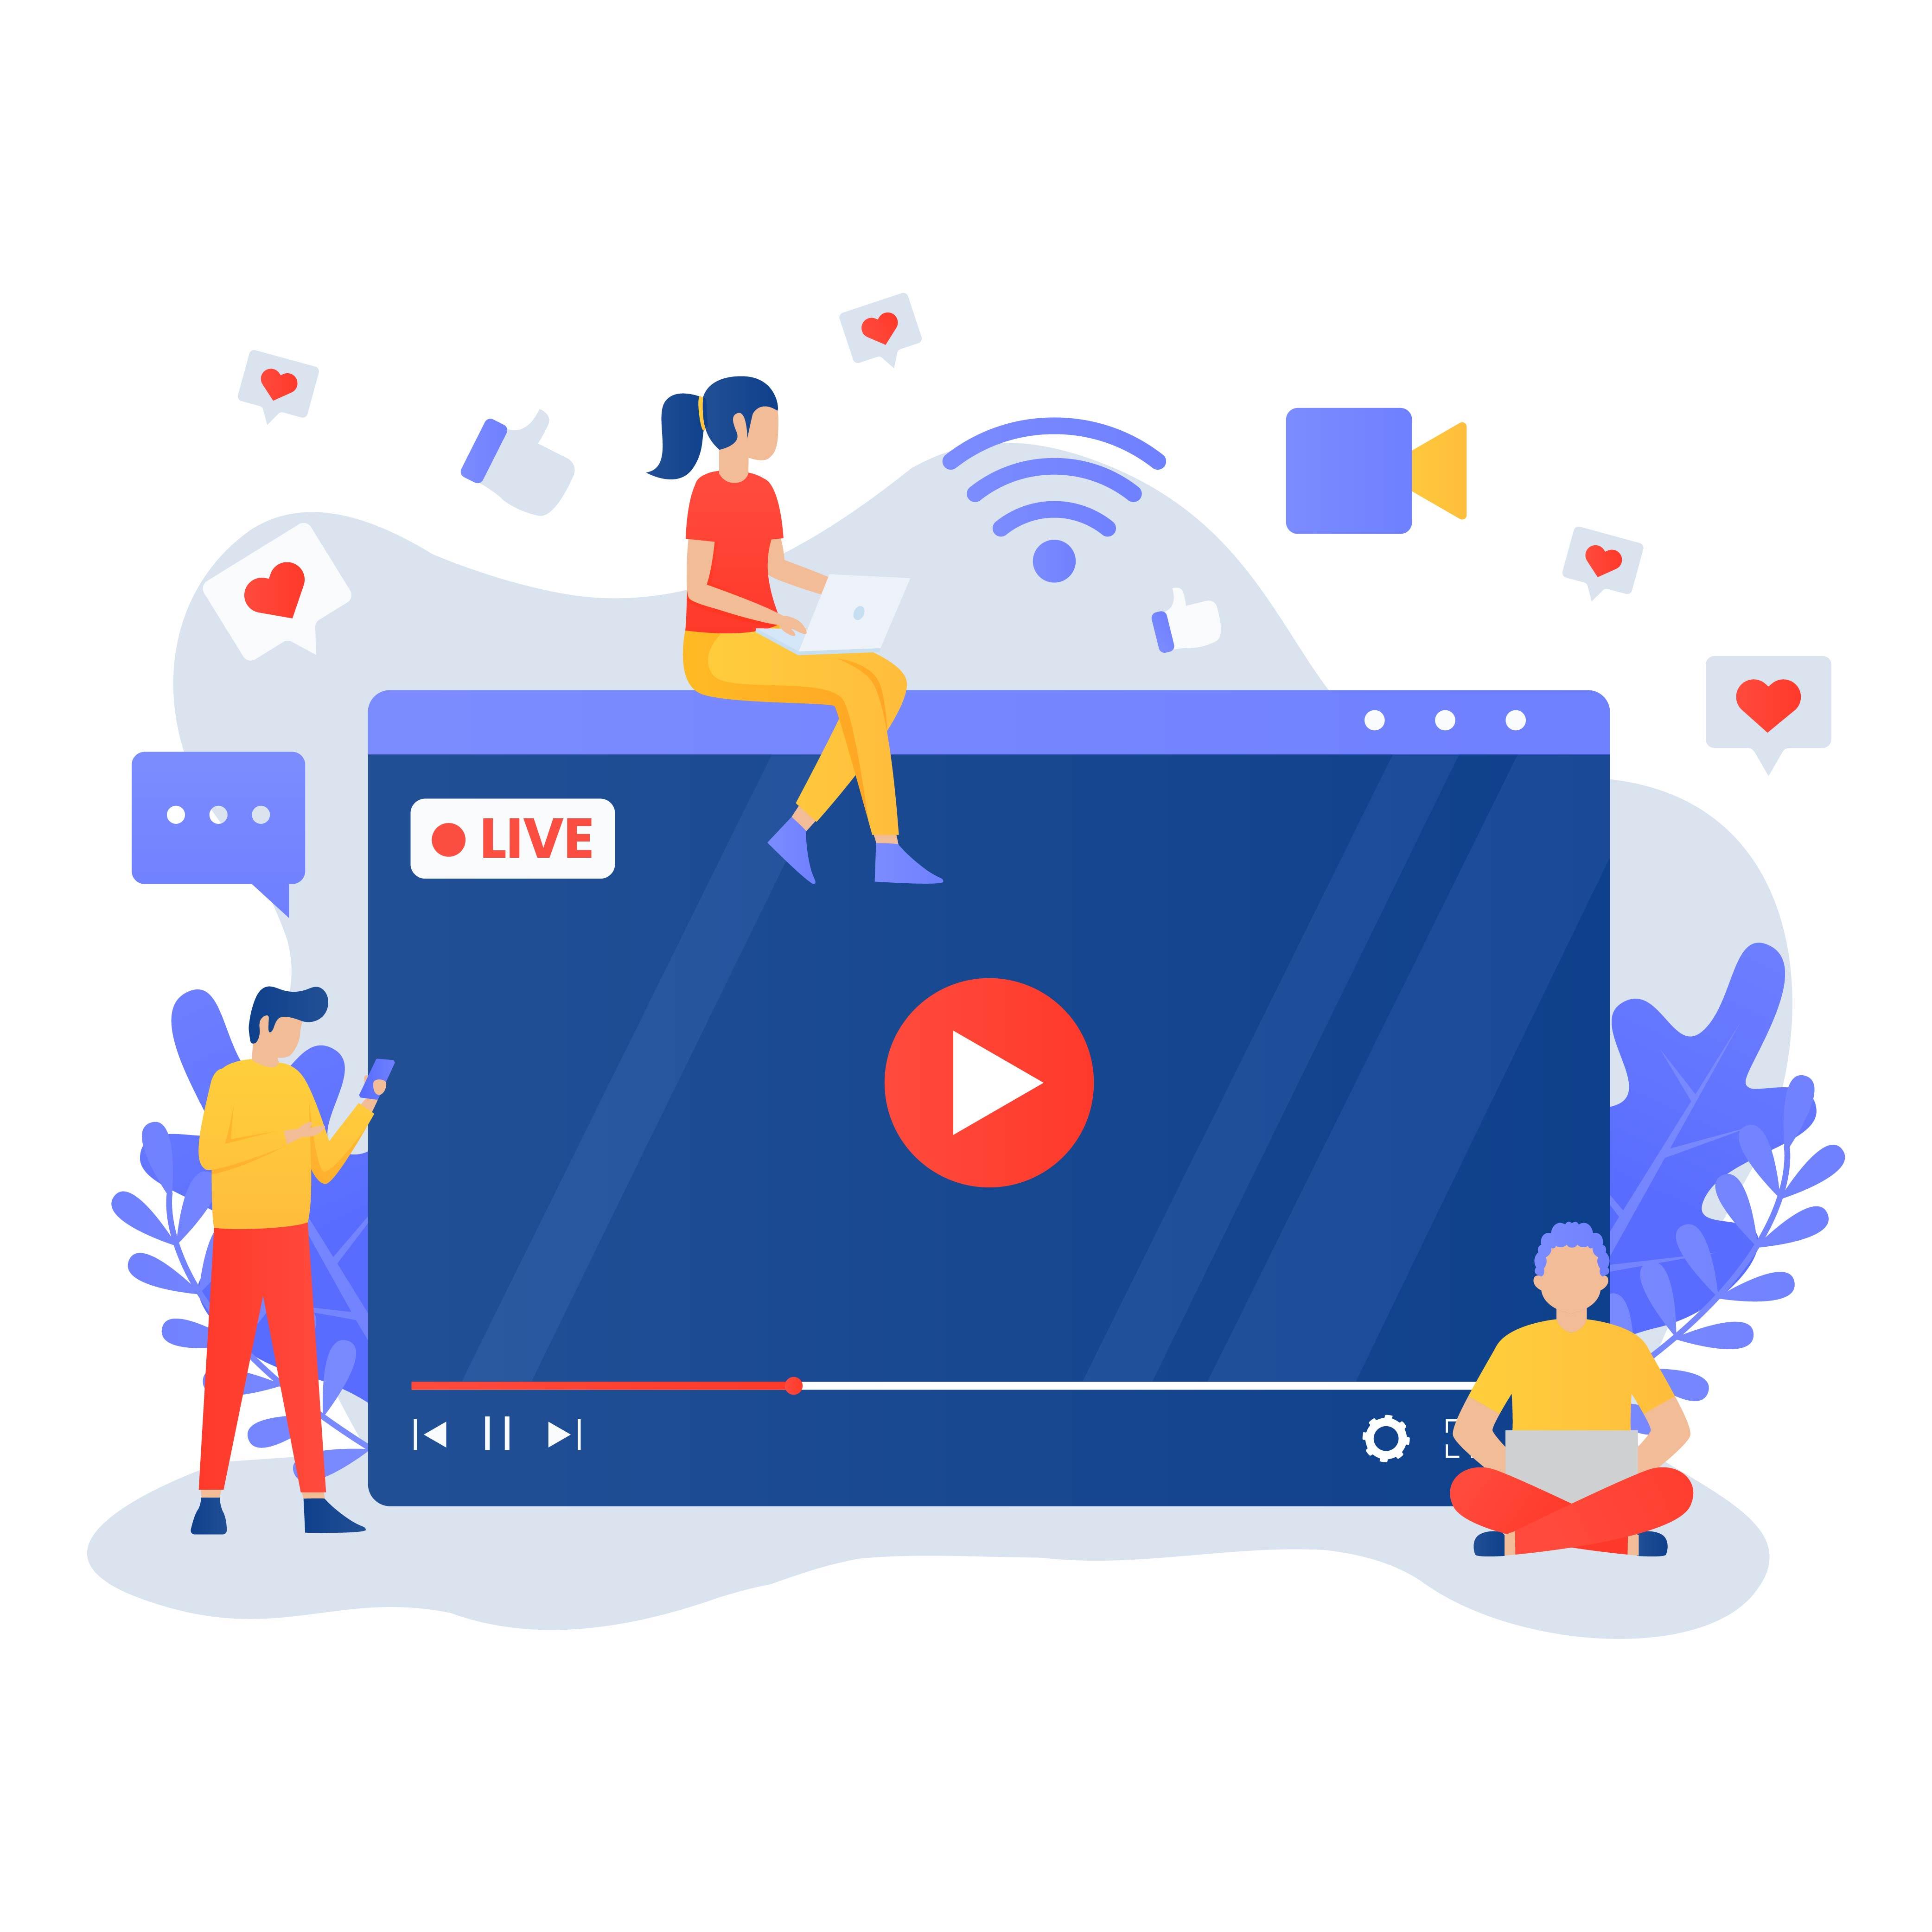 design plano de streaming ao vivo com pessoas ao redor da tela